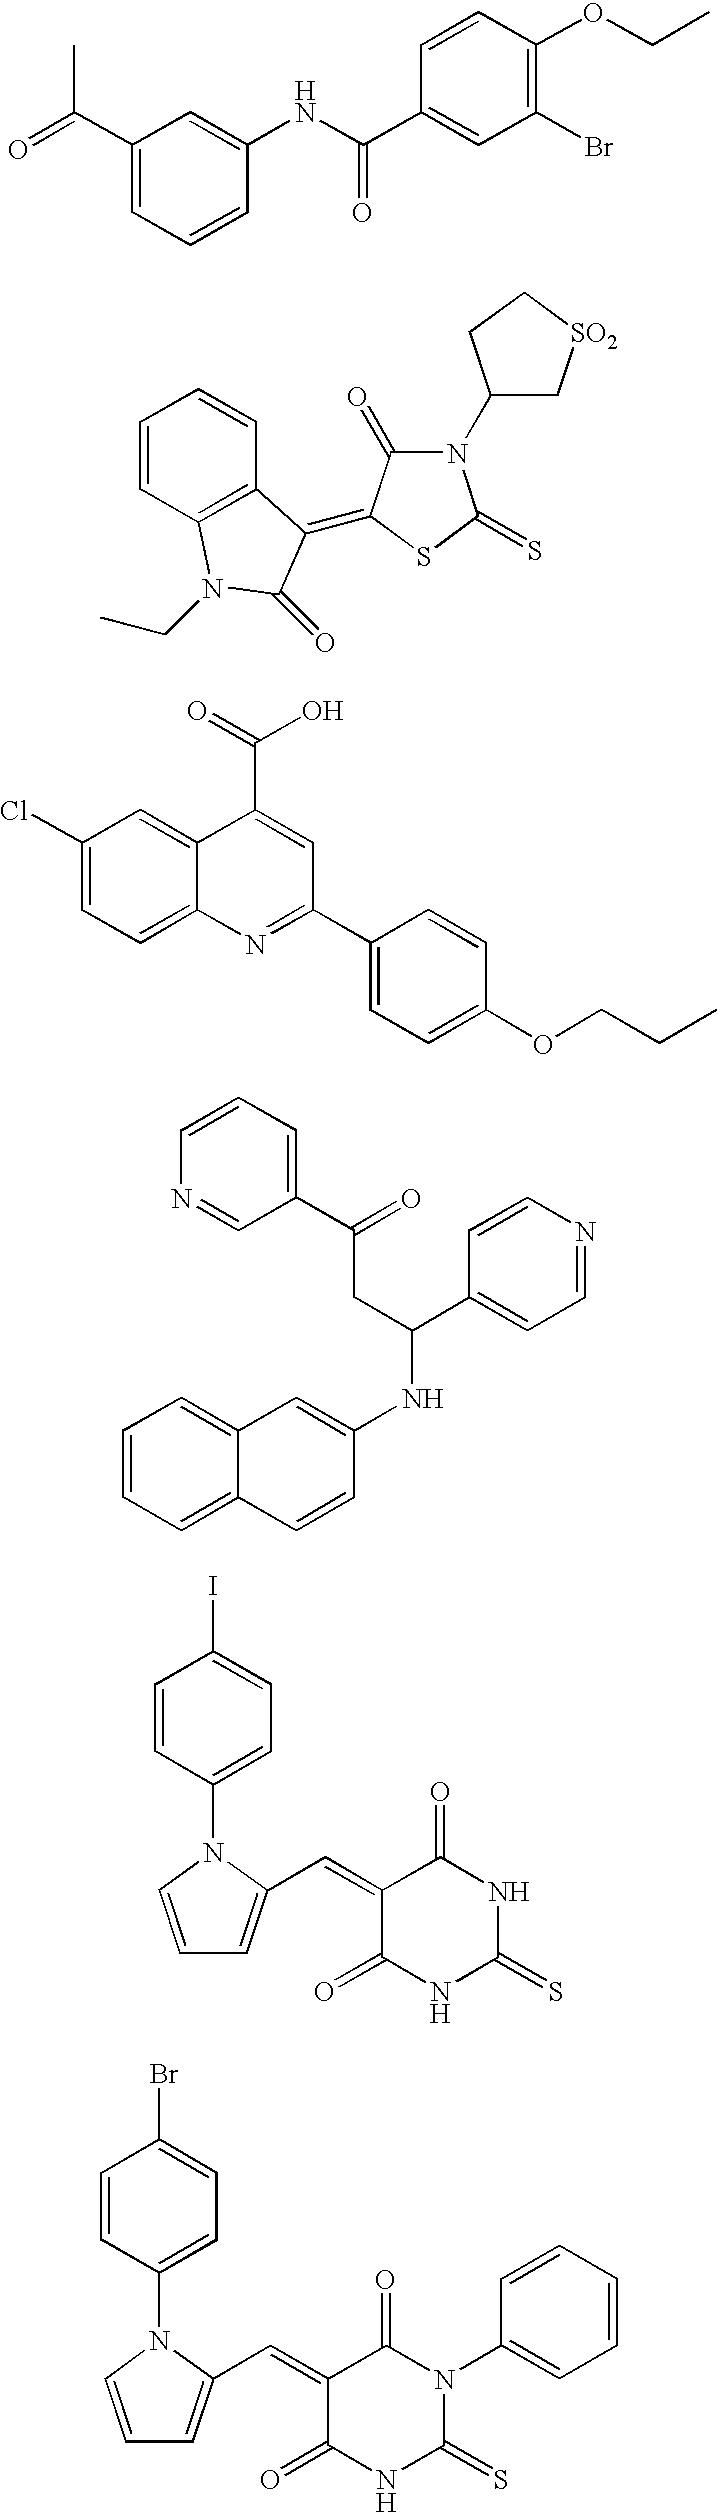 Figure US08119656-20120221-C00032